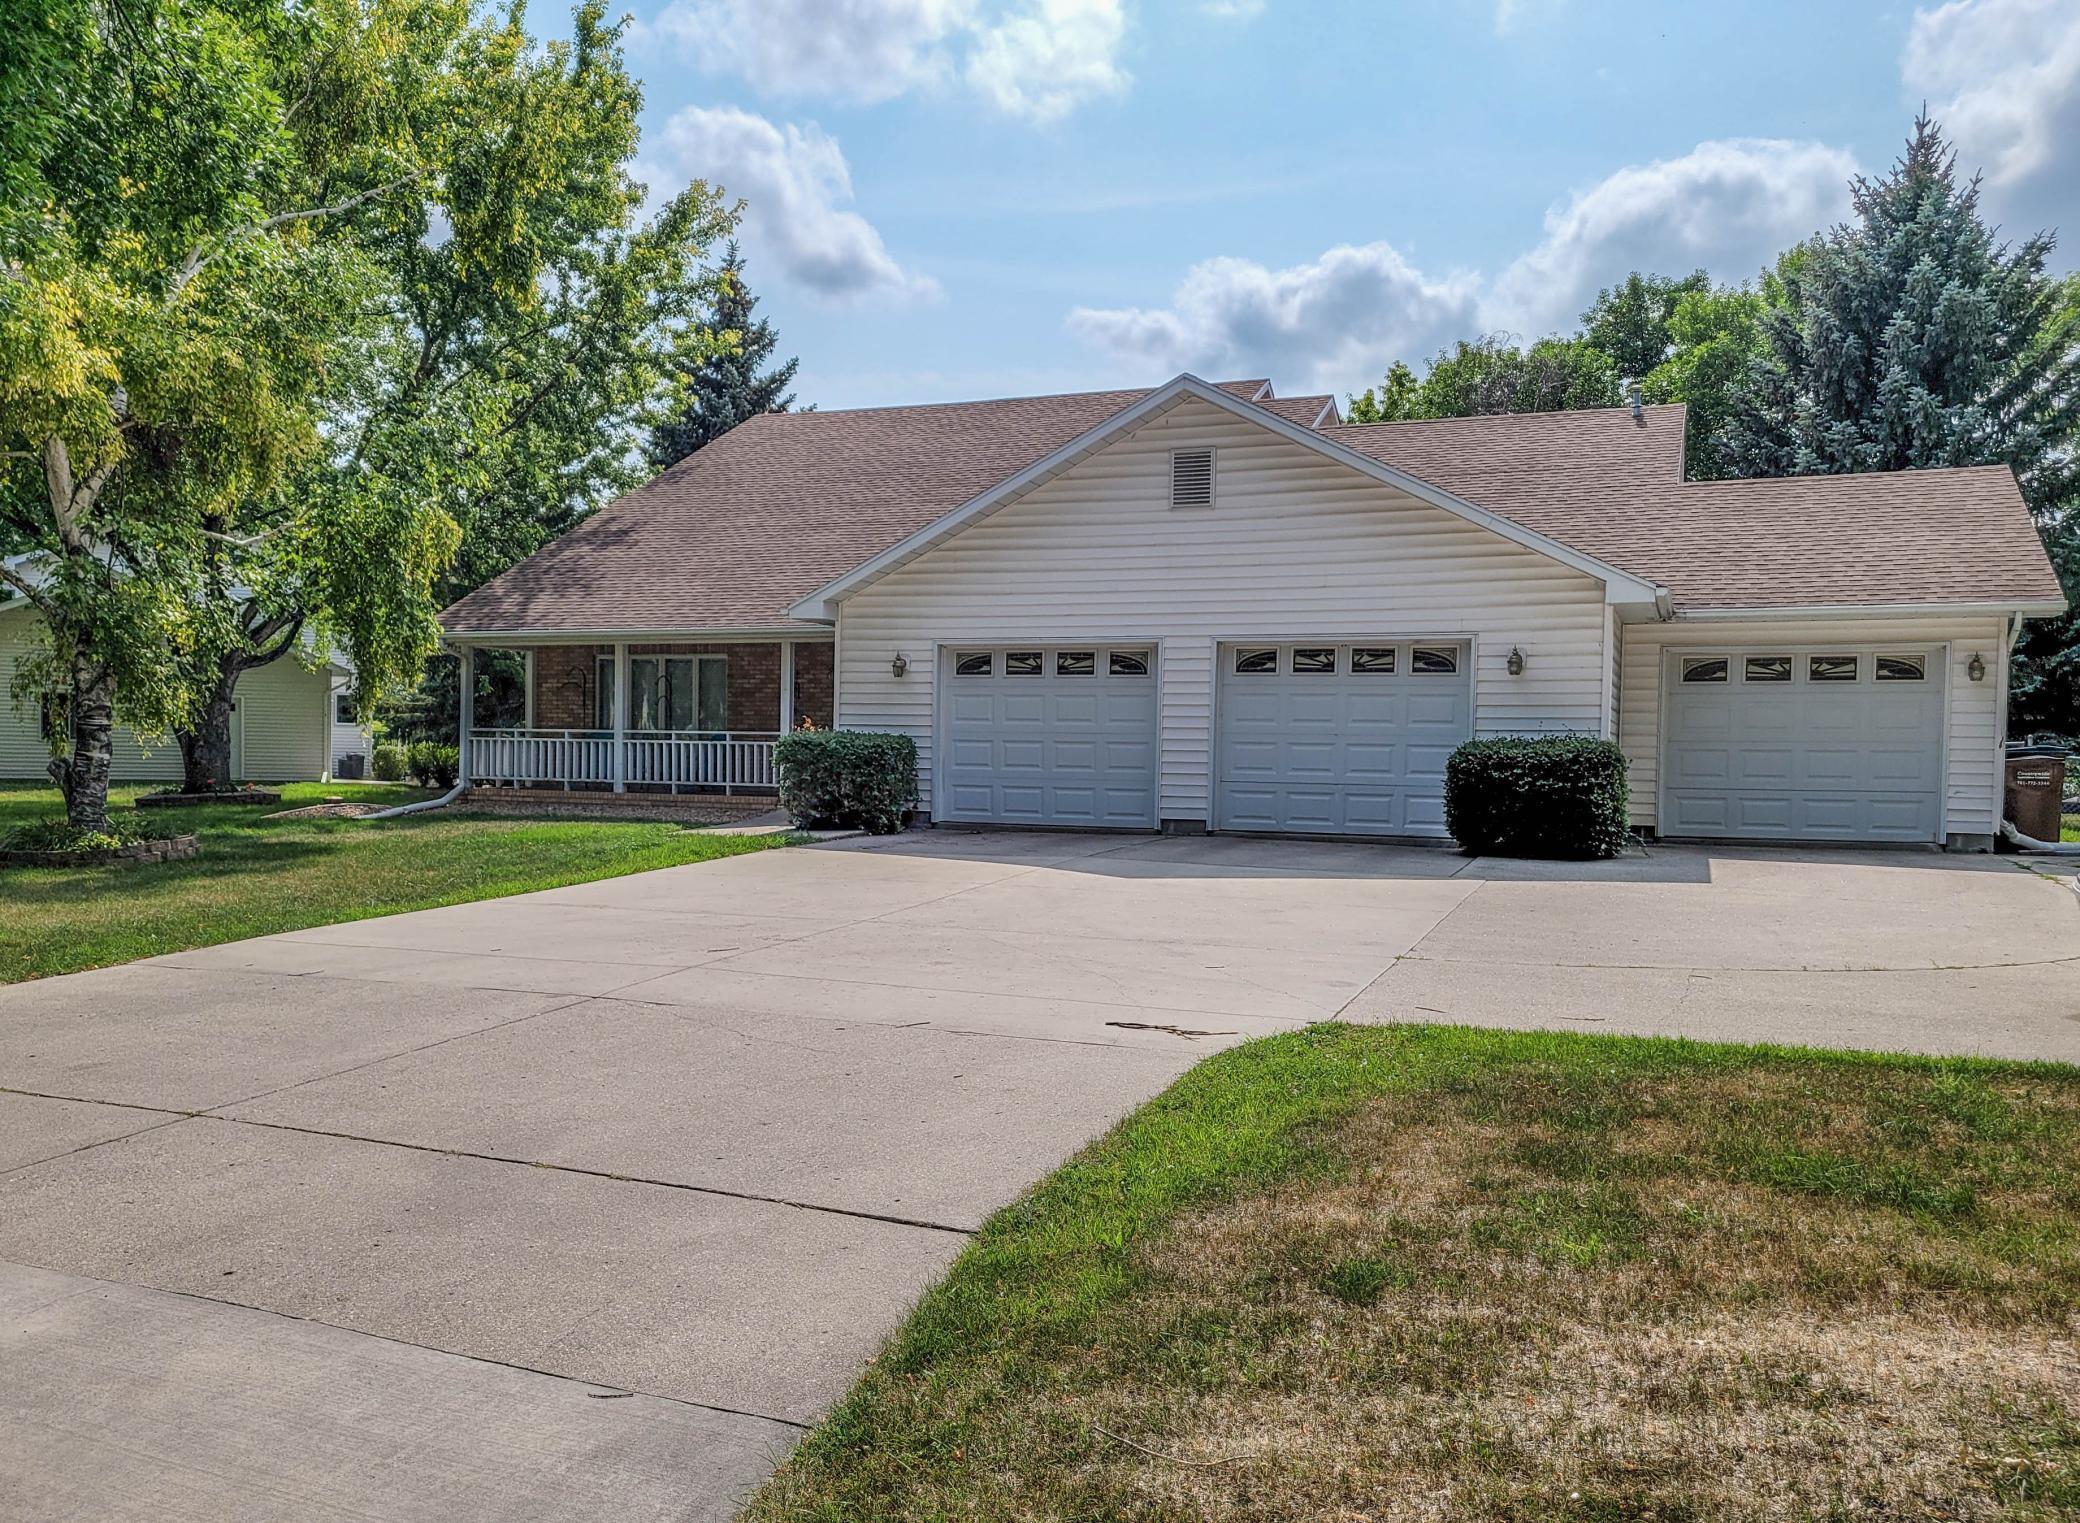 606 Bygland Road SE, East Grand Forks, MN 56721